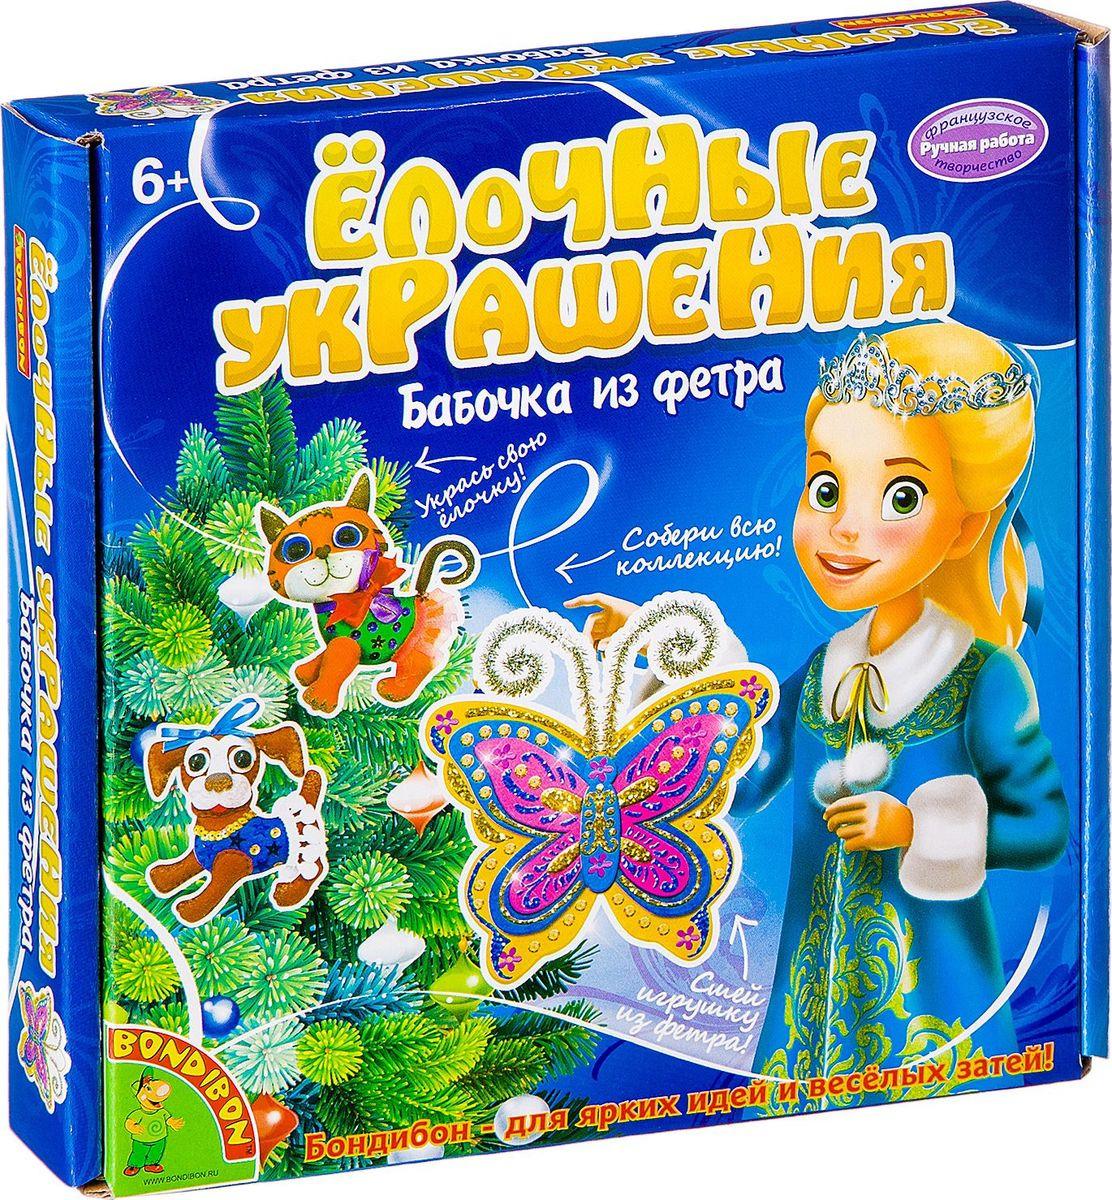 Набор для изготовления игрушек Bondibon Елочные украшения из фетра. Бабочка